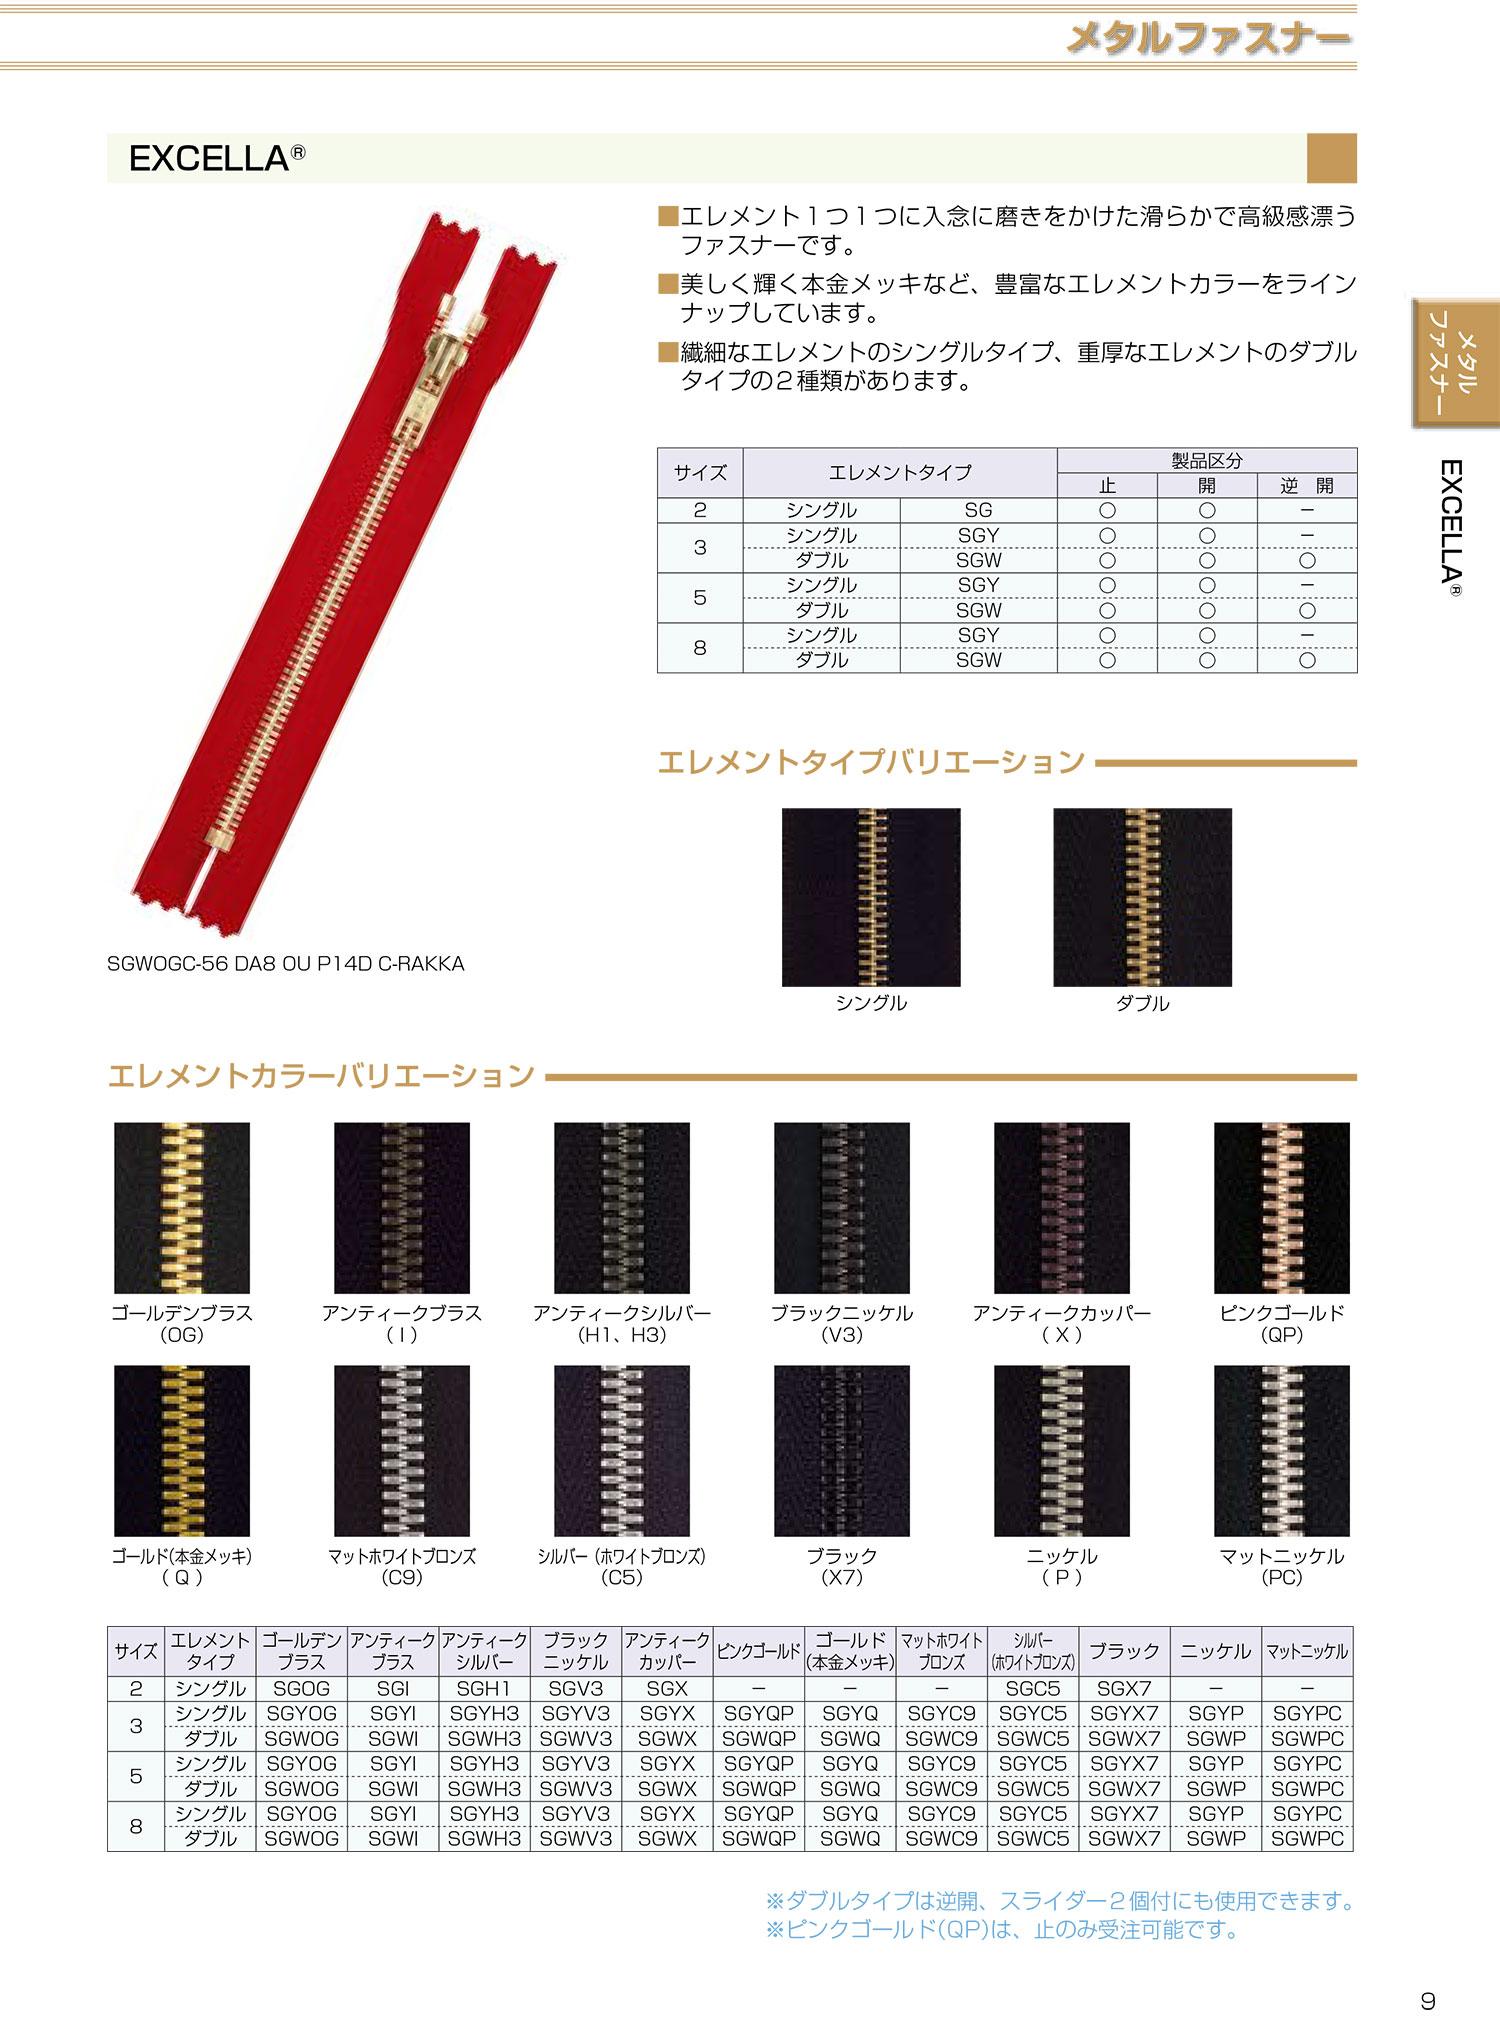 8SGWC9C エクセラ 8サイズ マットホワイトブロンズ 止め ダブル[ファスナー] YKK/オークラ商事 - ApparelX アパレル資材卸通販